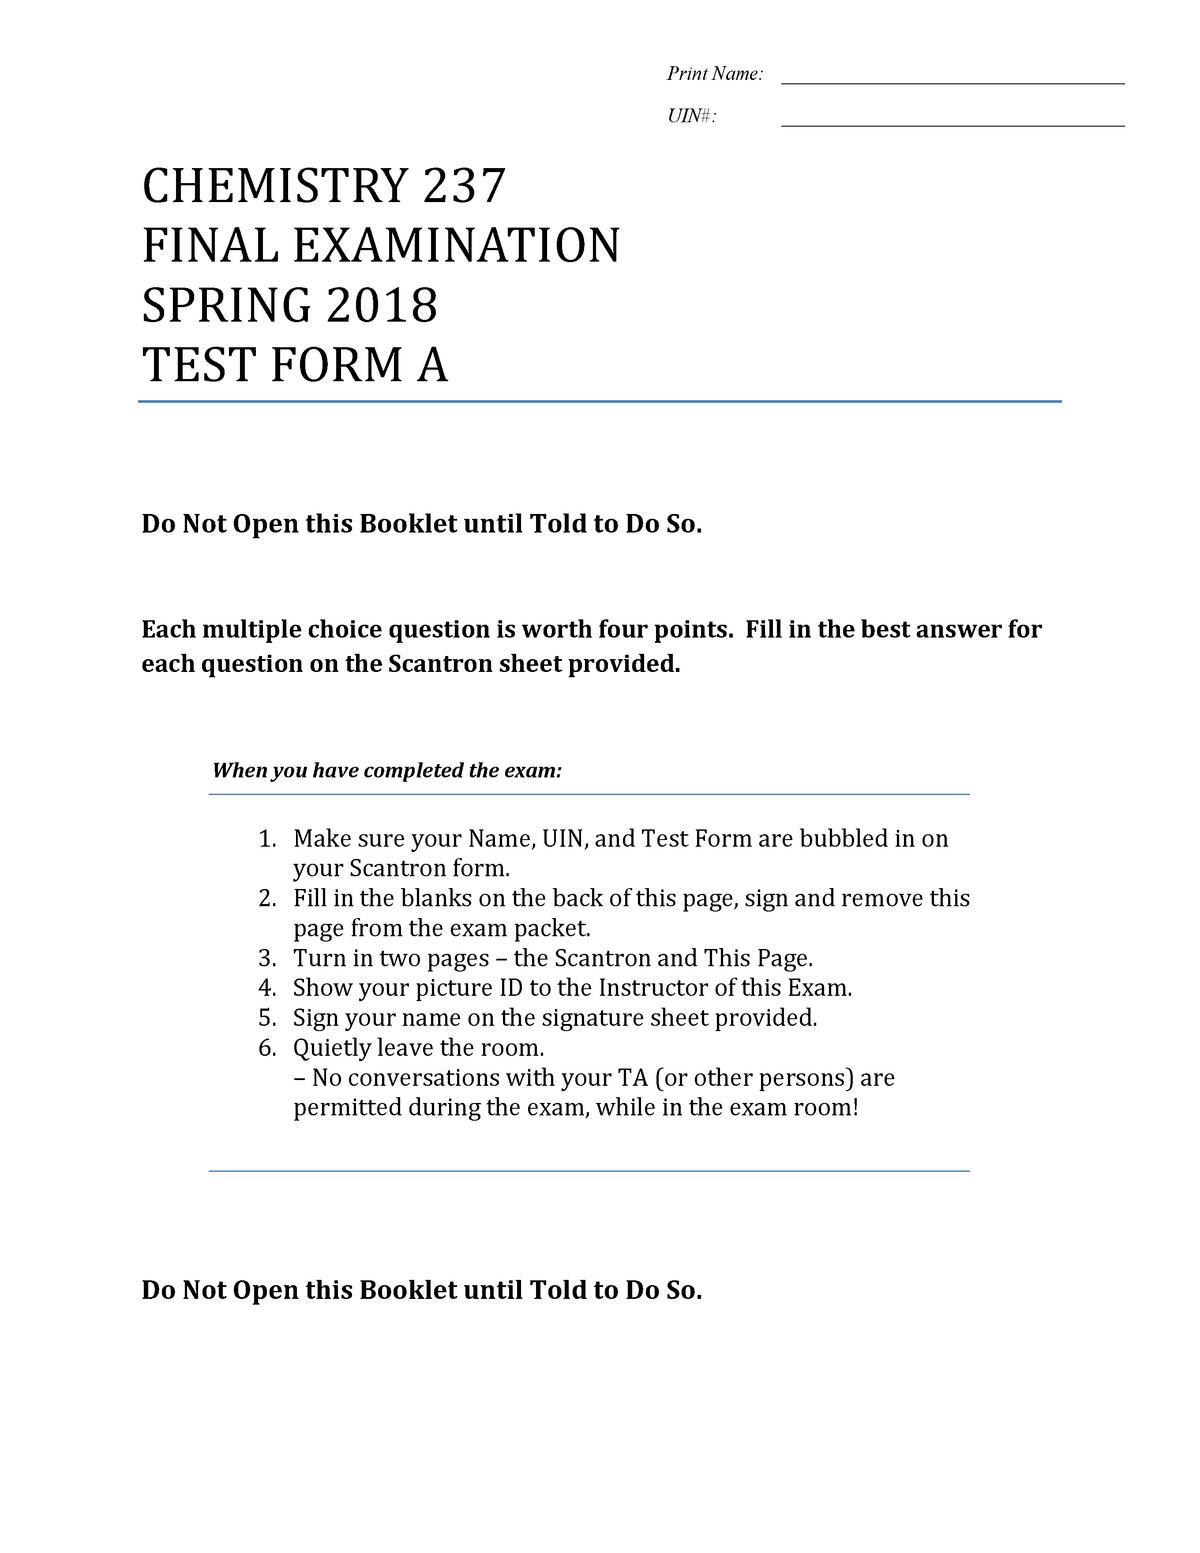 Ochem Final Practice TEST 2 - CHEM 237: (CHEM 2123, 2223